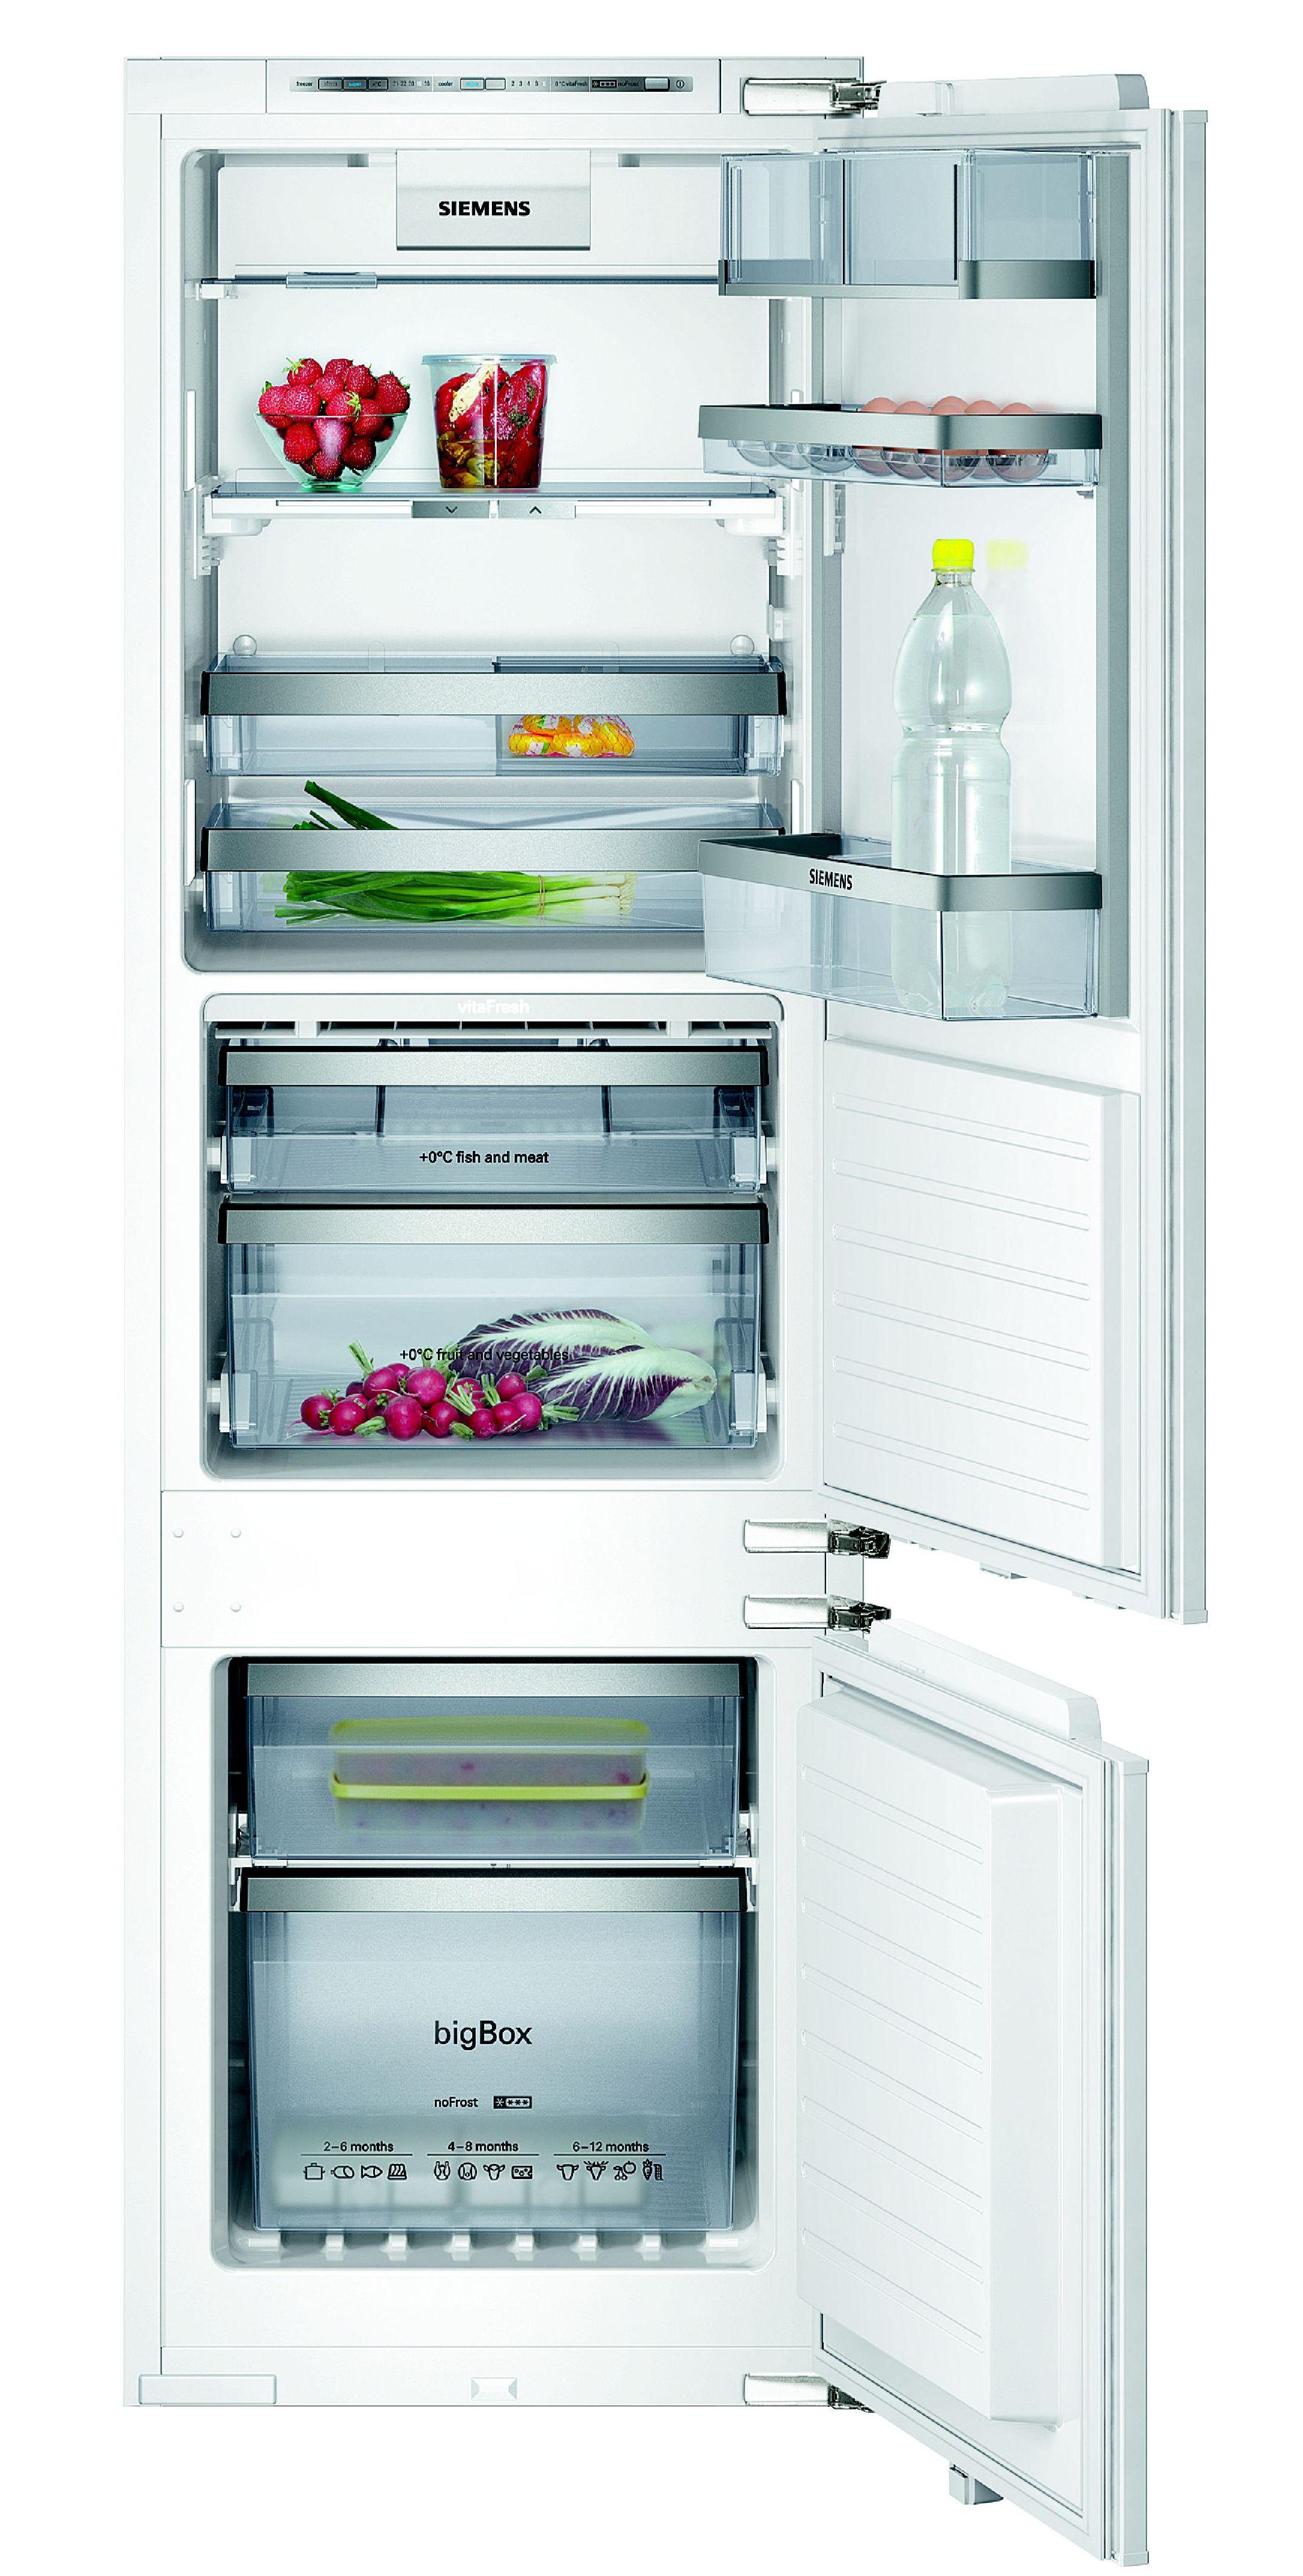 rt-63 fmvb холодильник samsung инструкция